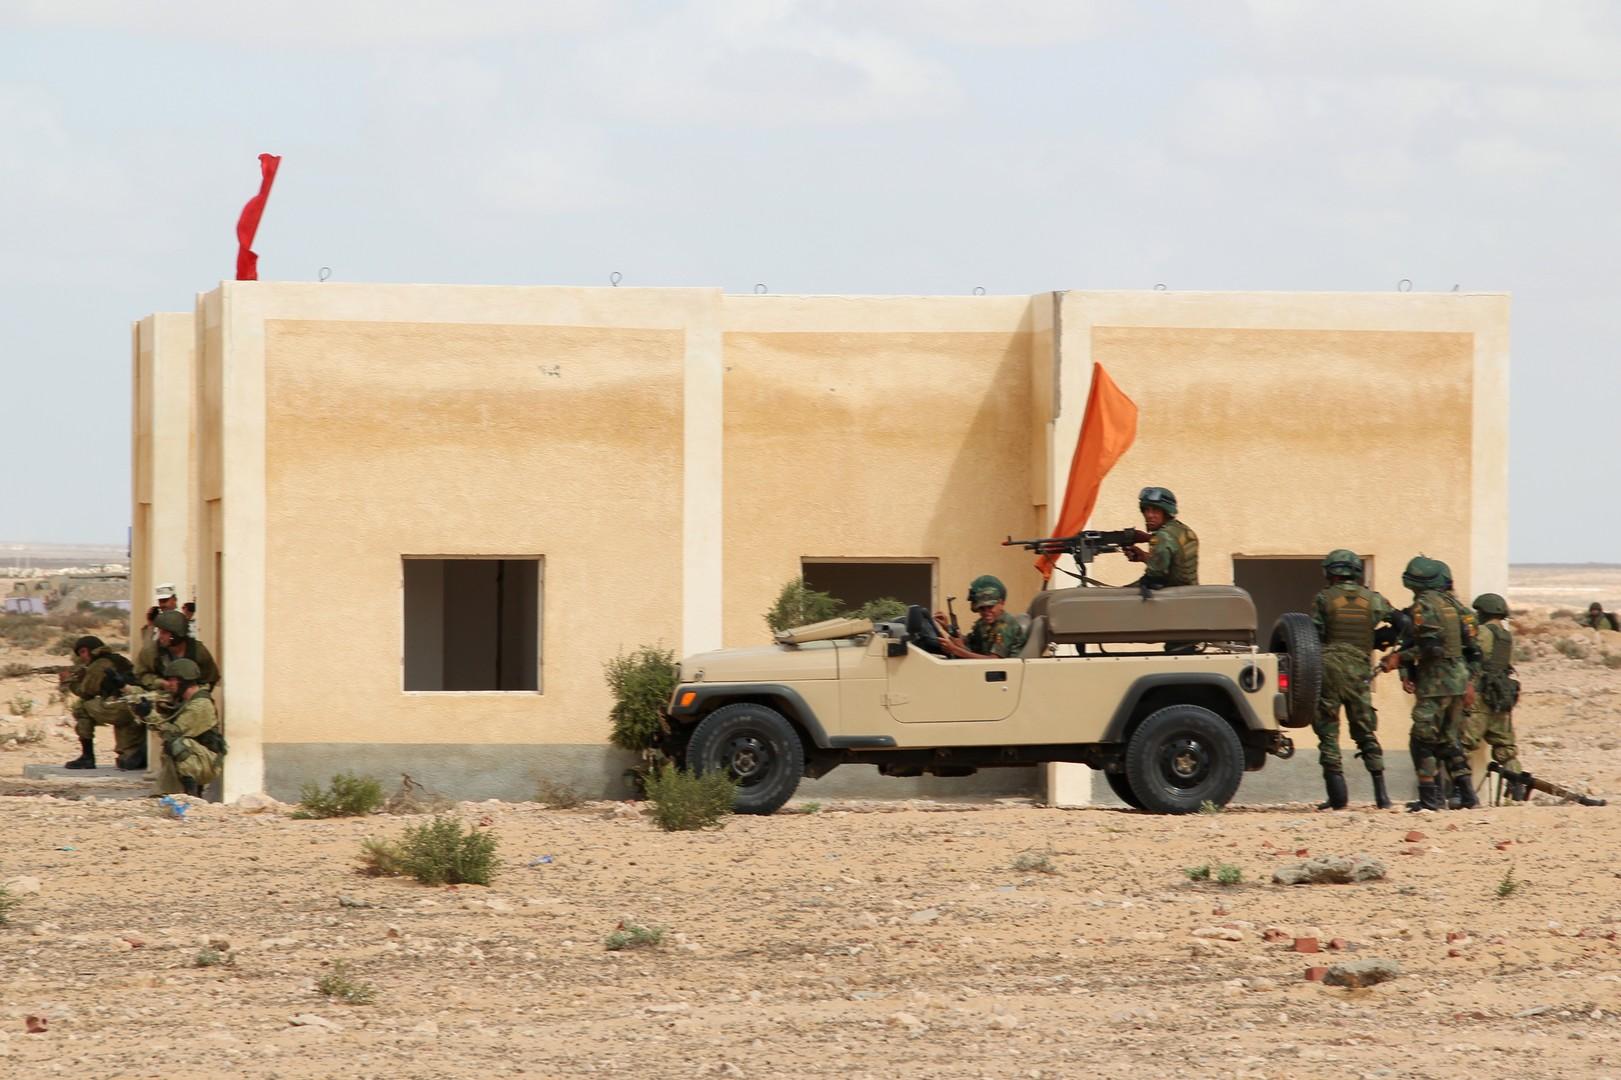 سر احتلال الجيش المصري صدارة جيوش العرب! (صور)